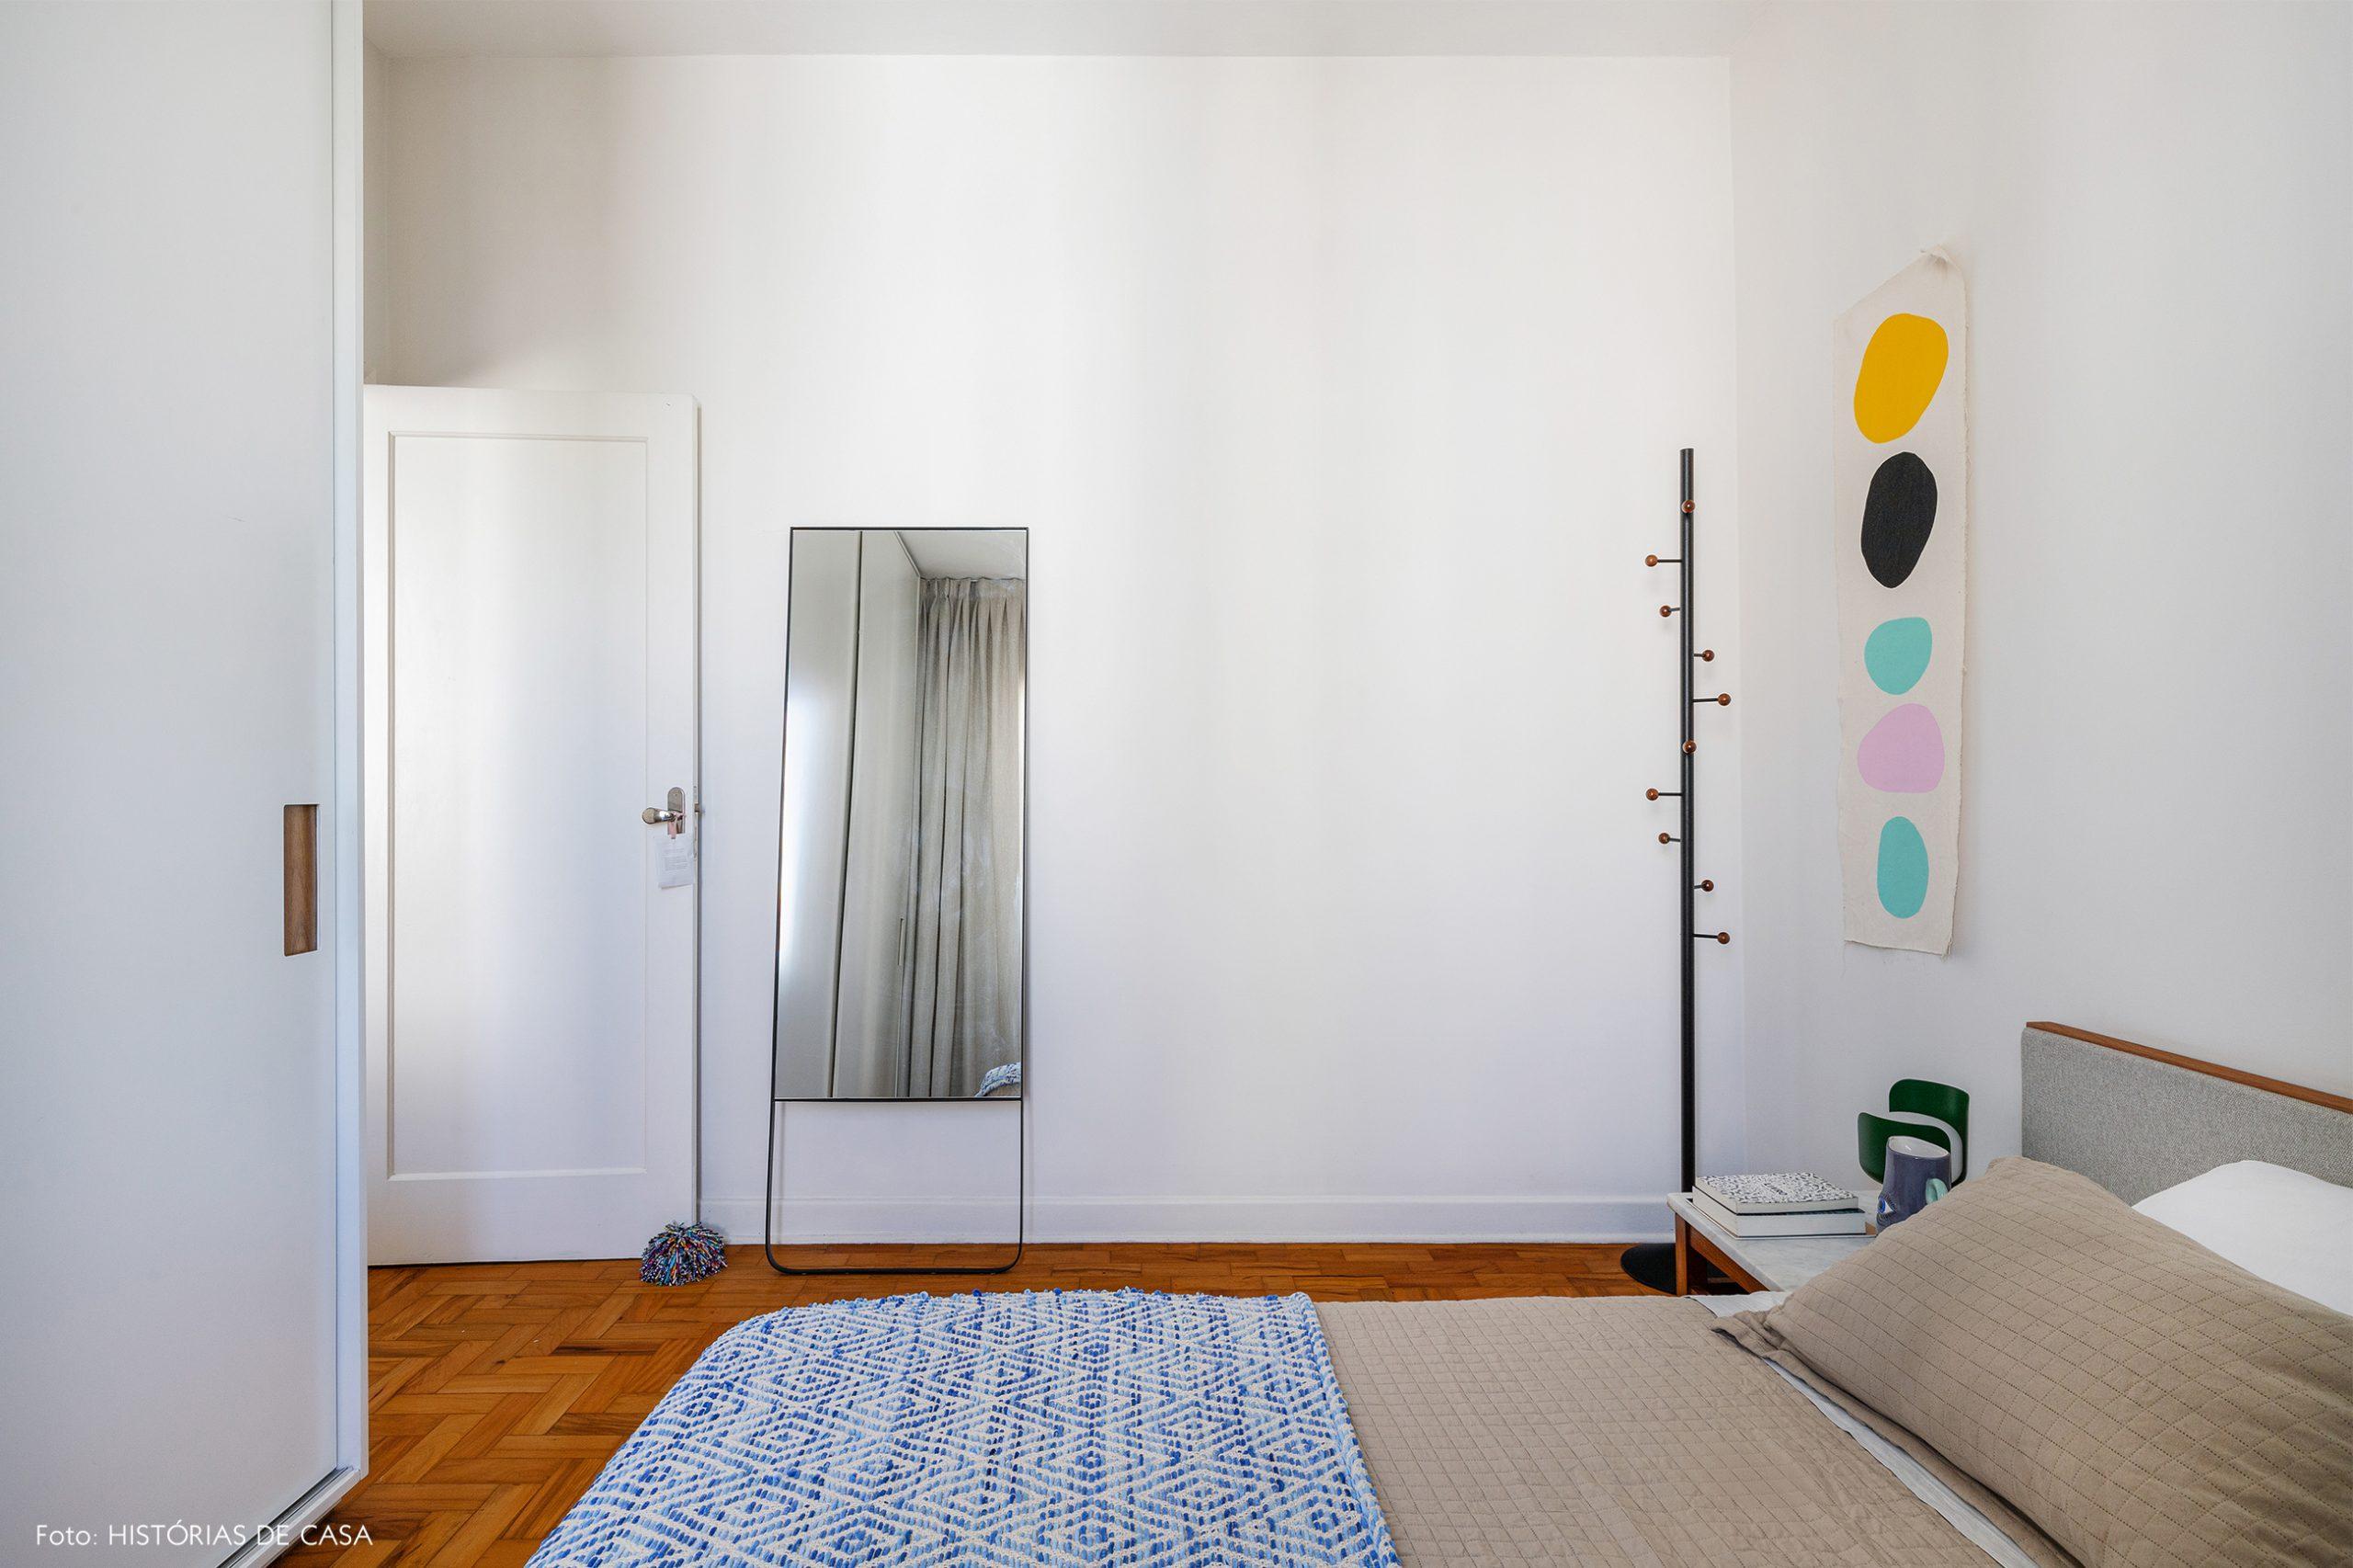 decoração quarto branco com mancebo preto